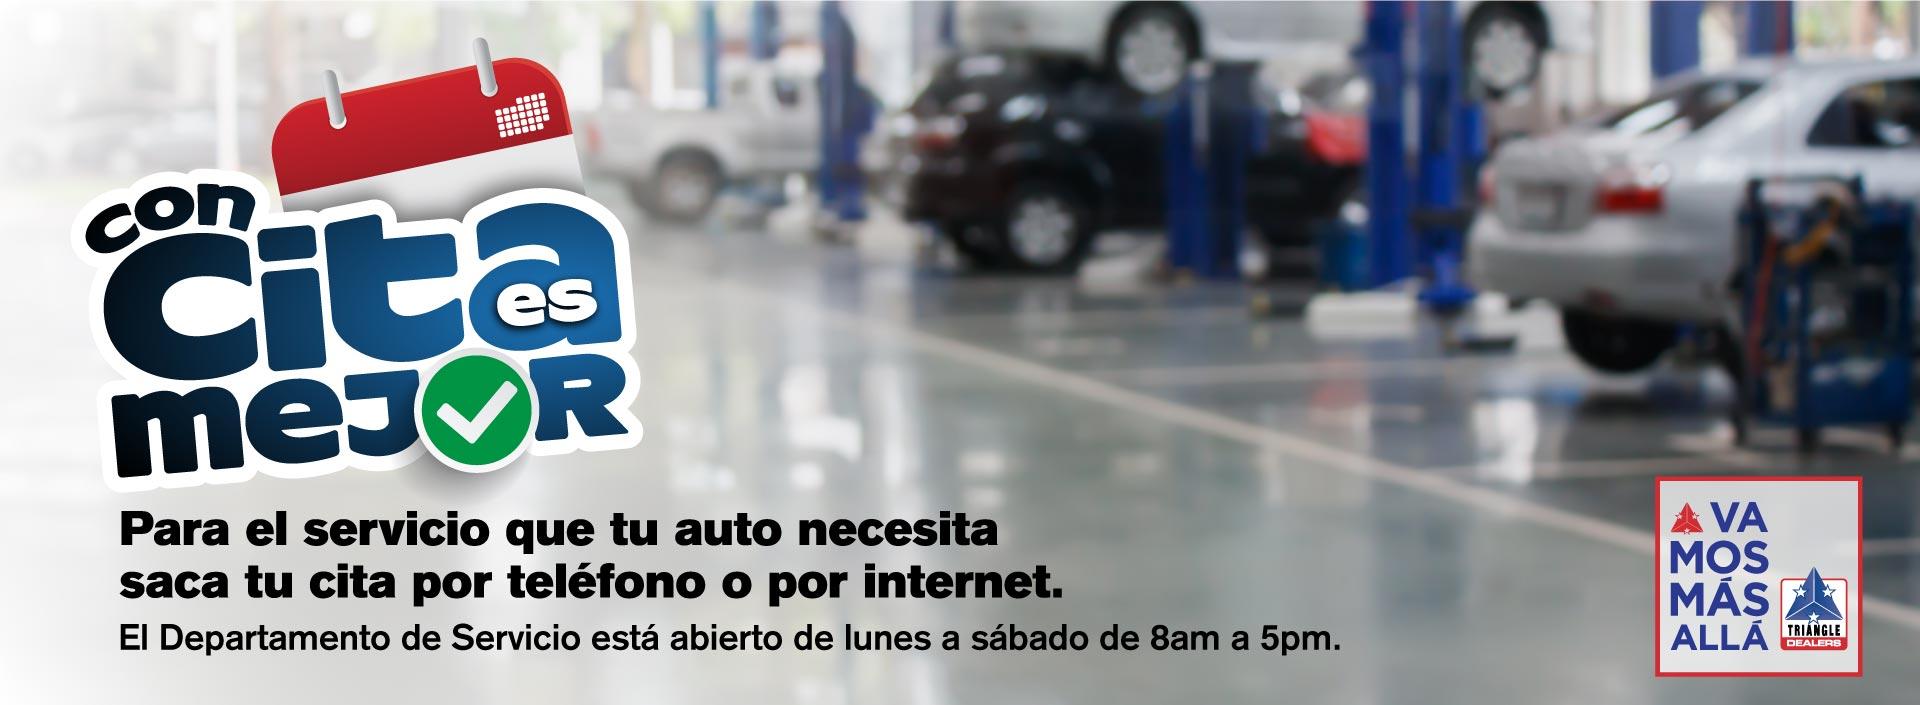 T.Nissan_Cita_1920x705_Español